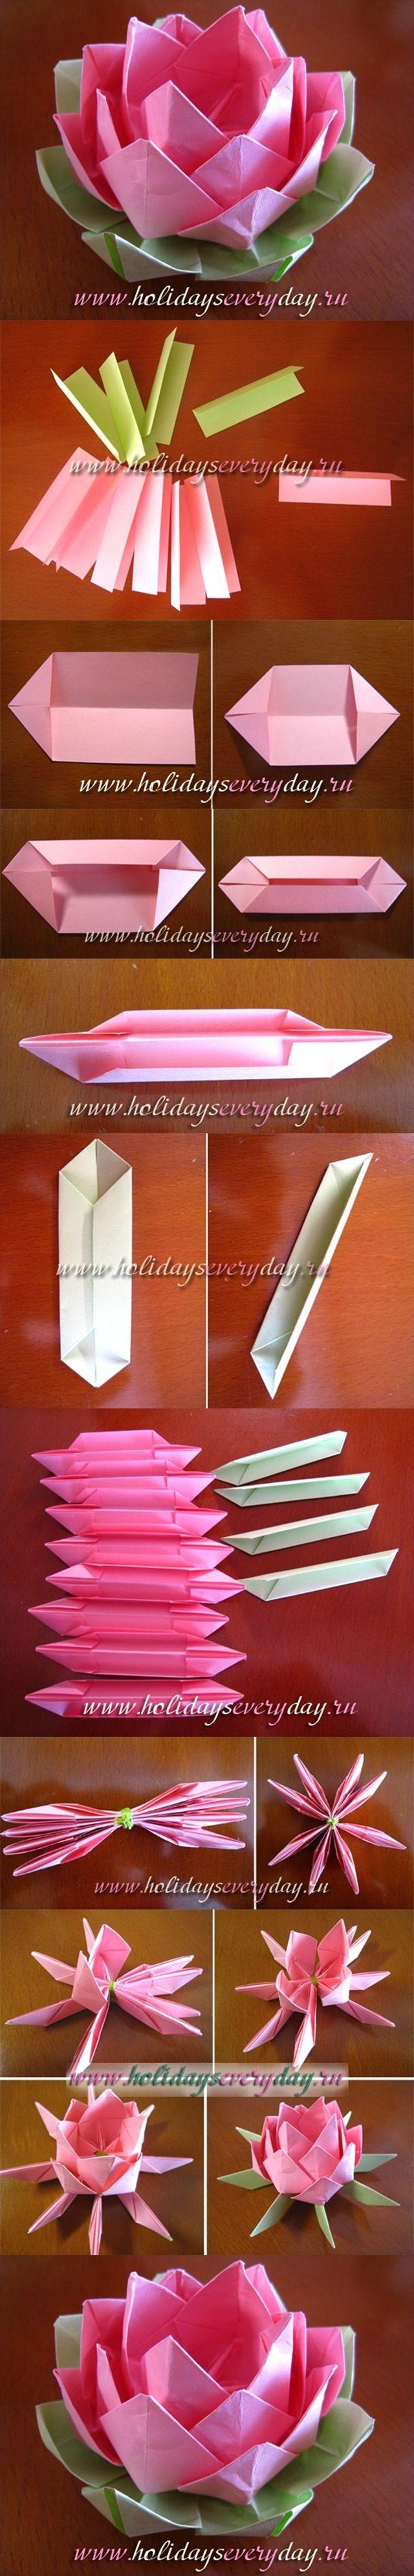 Flores de papel - Blog Pitacos e Achados - Acesse: https://pitacoseachados.wordpress.com - https://www.facebook.com/pitacoseachados - #pitacoseachados